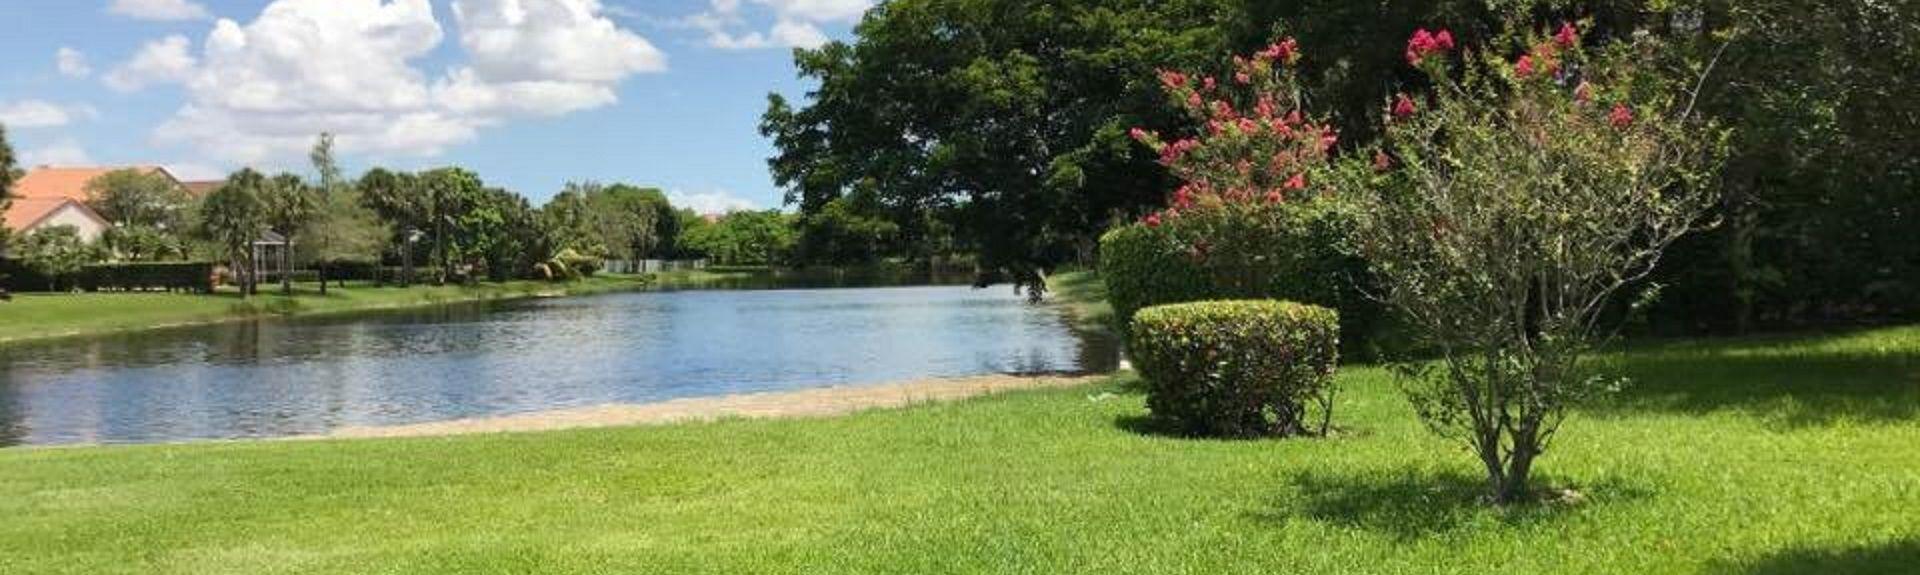 Medley, FL, USA